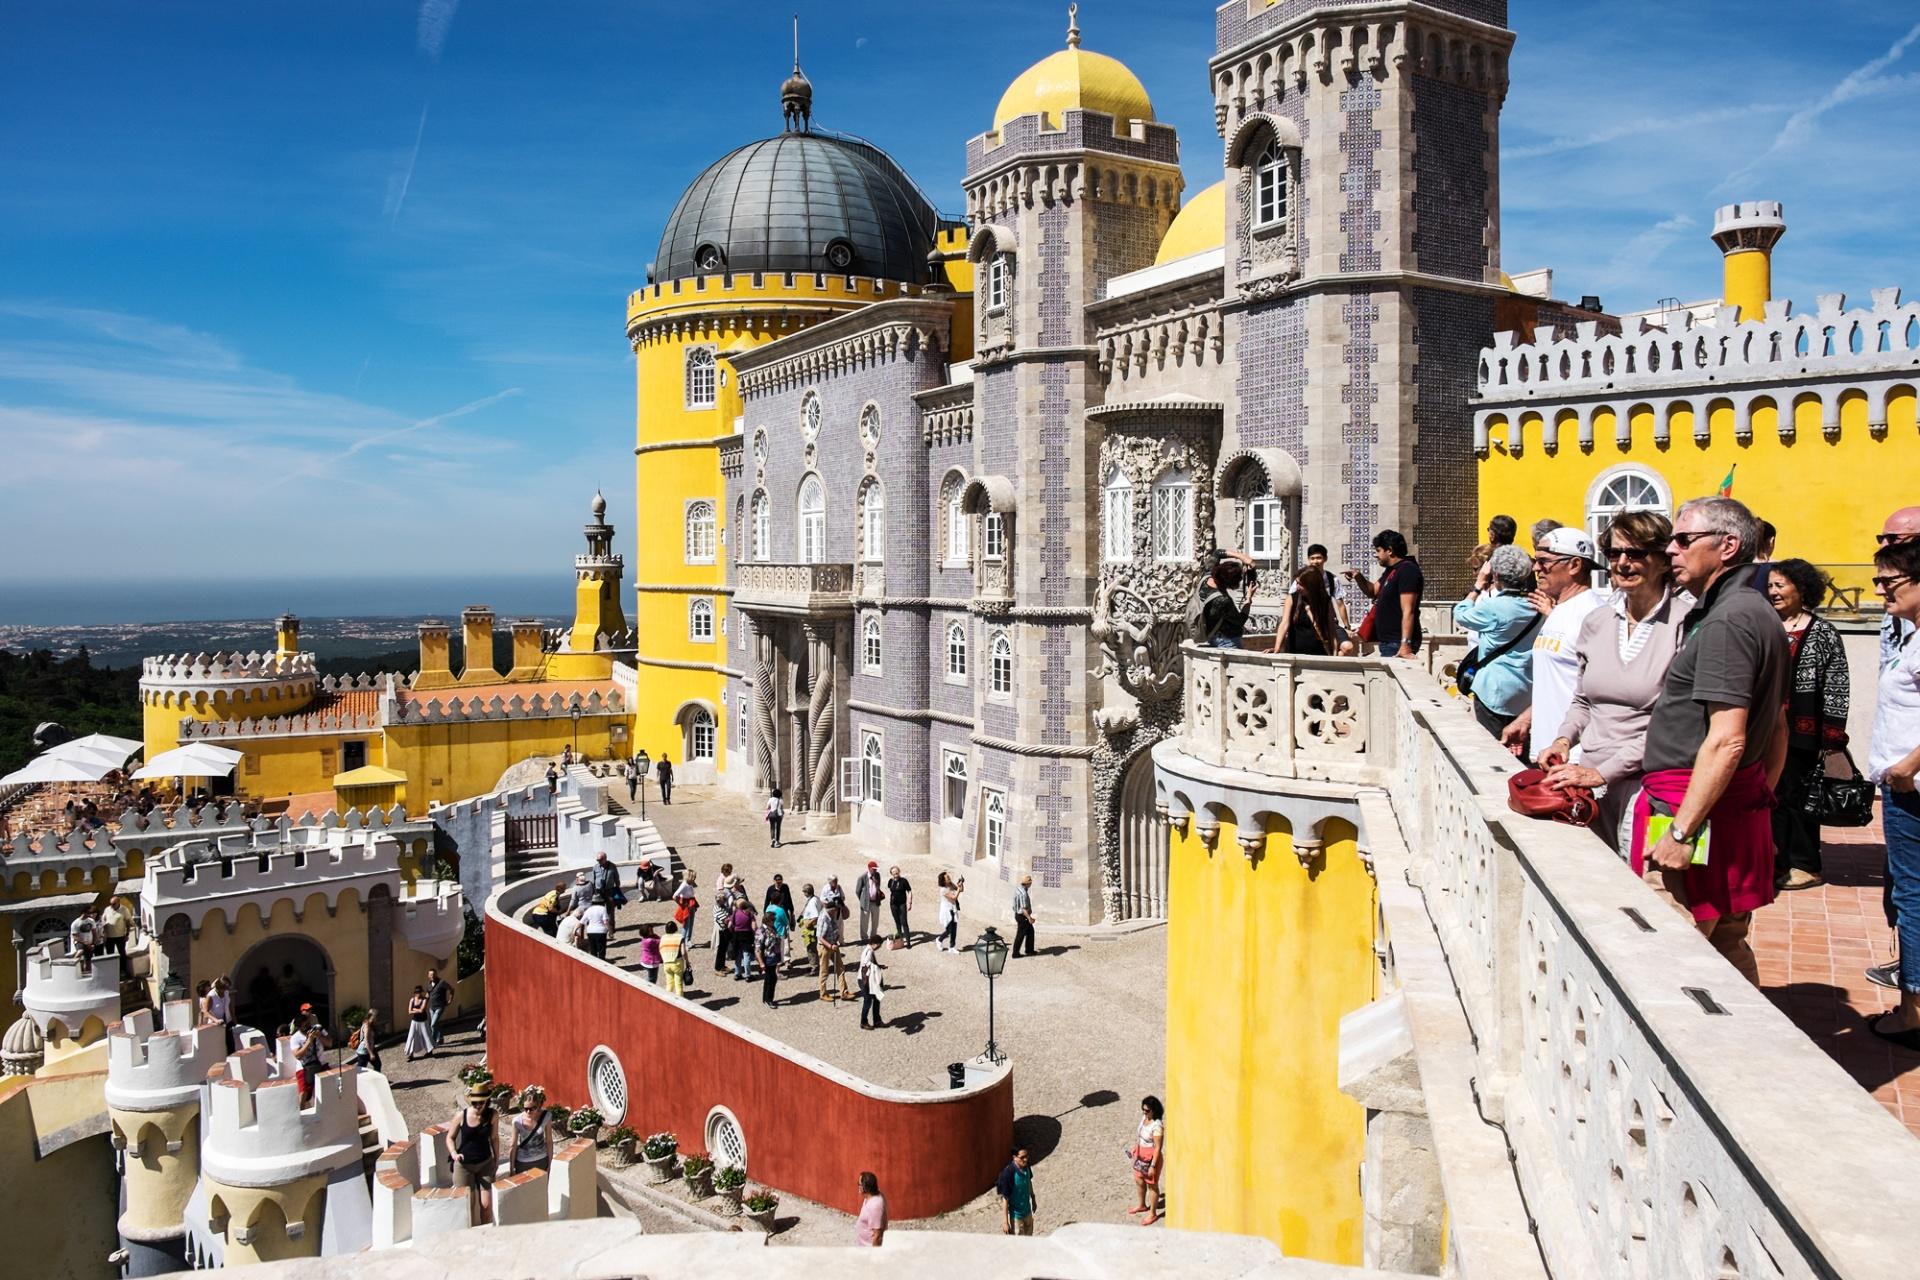 """Saudade de Lisboa, """"""""Sorge come una bella visione di sogno, stagliata contro un cielo azzurro e splendente che il sole allieta col suo oro. E le cupole, i monumenti, gli antichi castelli appena al di sopra di"""